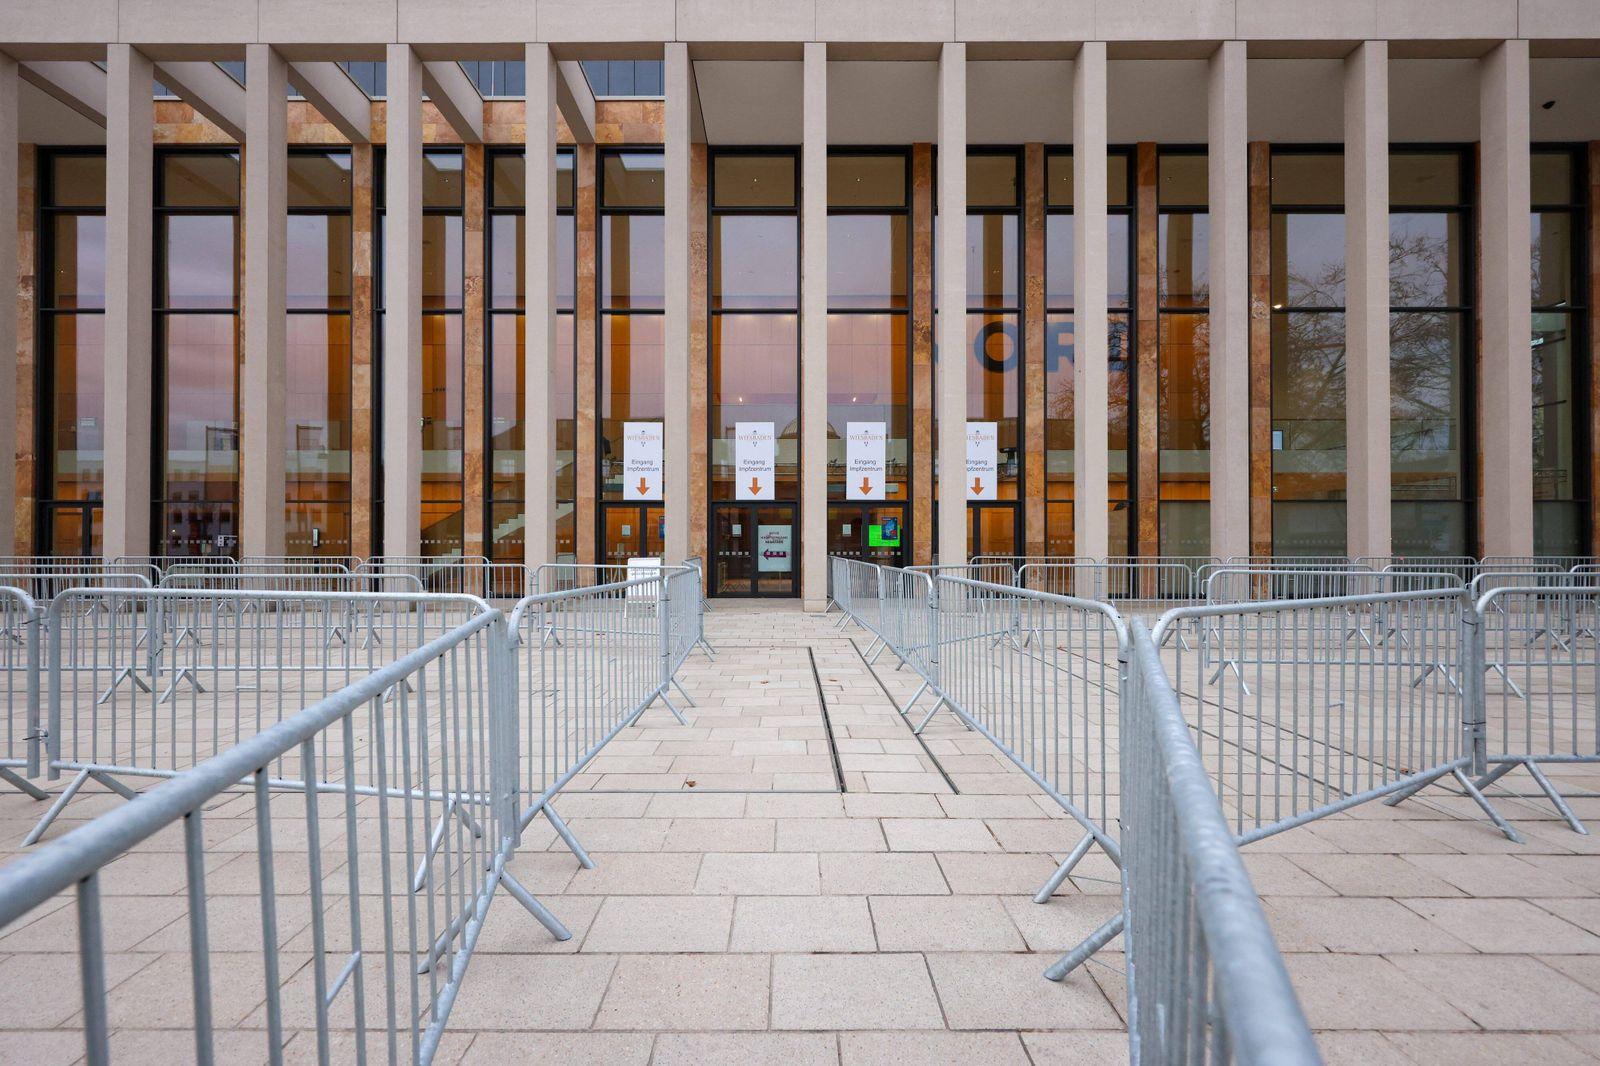 Wiesbaden, RheinMain Congress Center, 16.01.2021, Impfzentrum der Landeshauptstadt Wiesbaden, Bild: Der Eingangsbereich